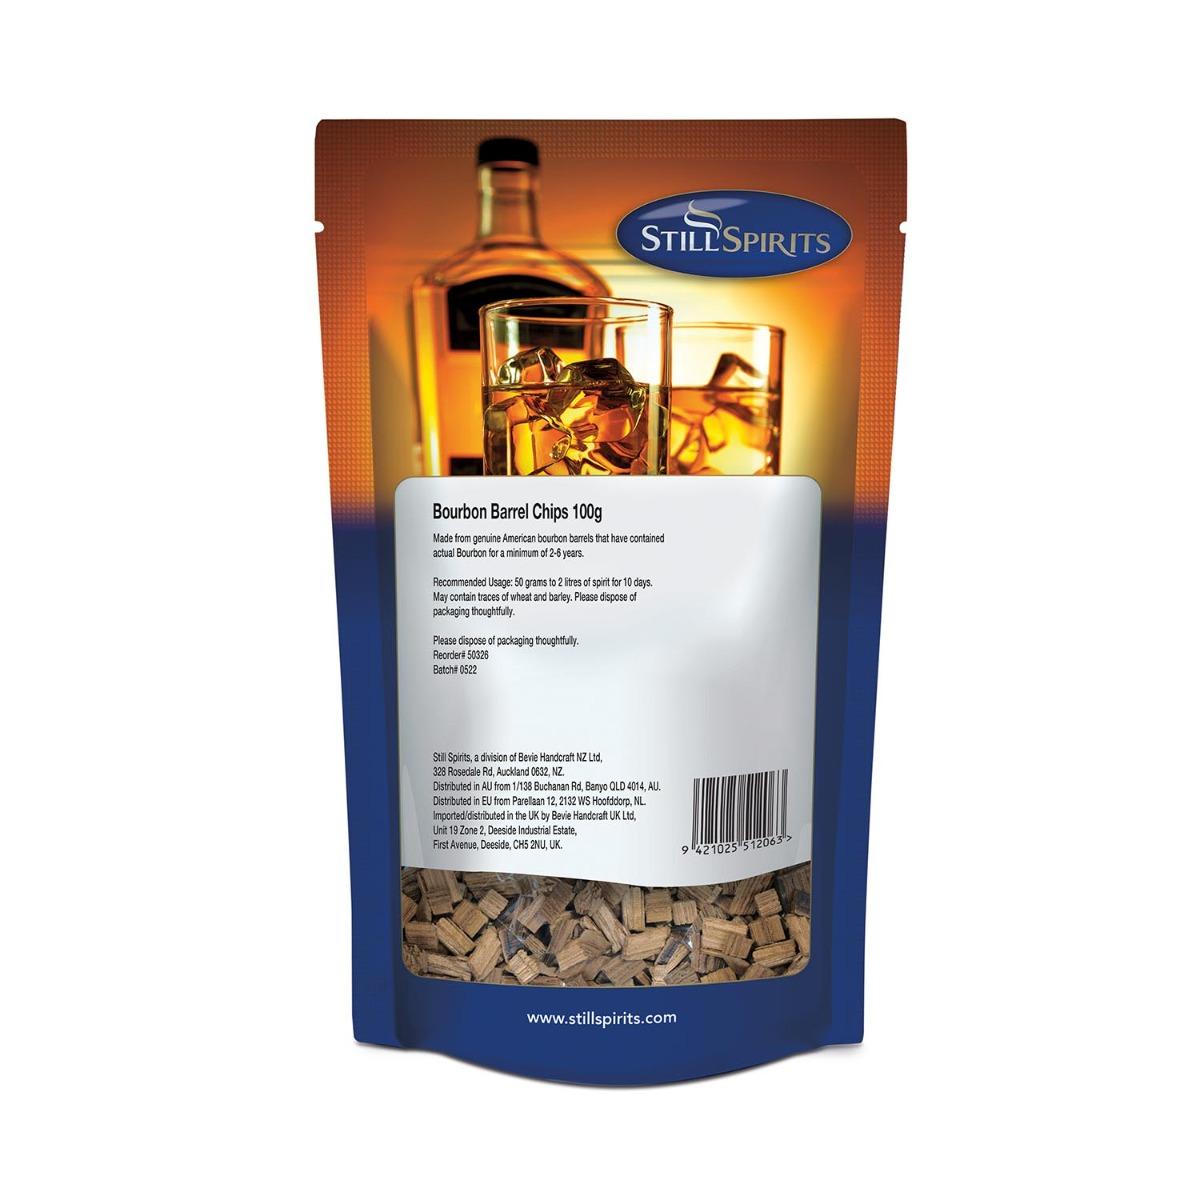 Still Spirits Bourbon Barrel Chips 100g